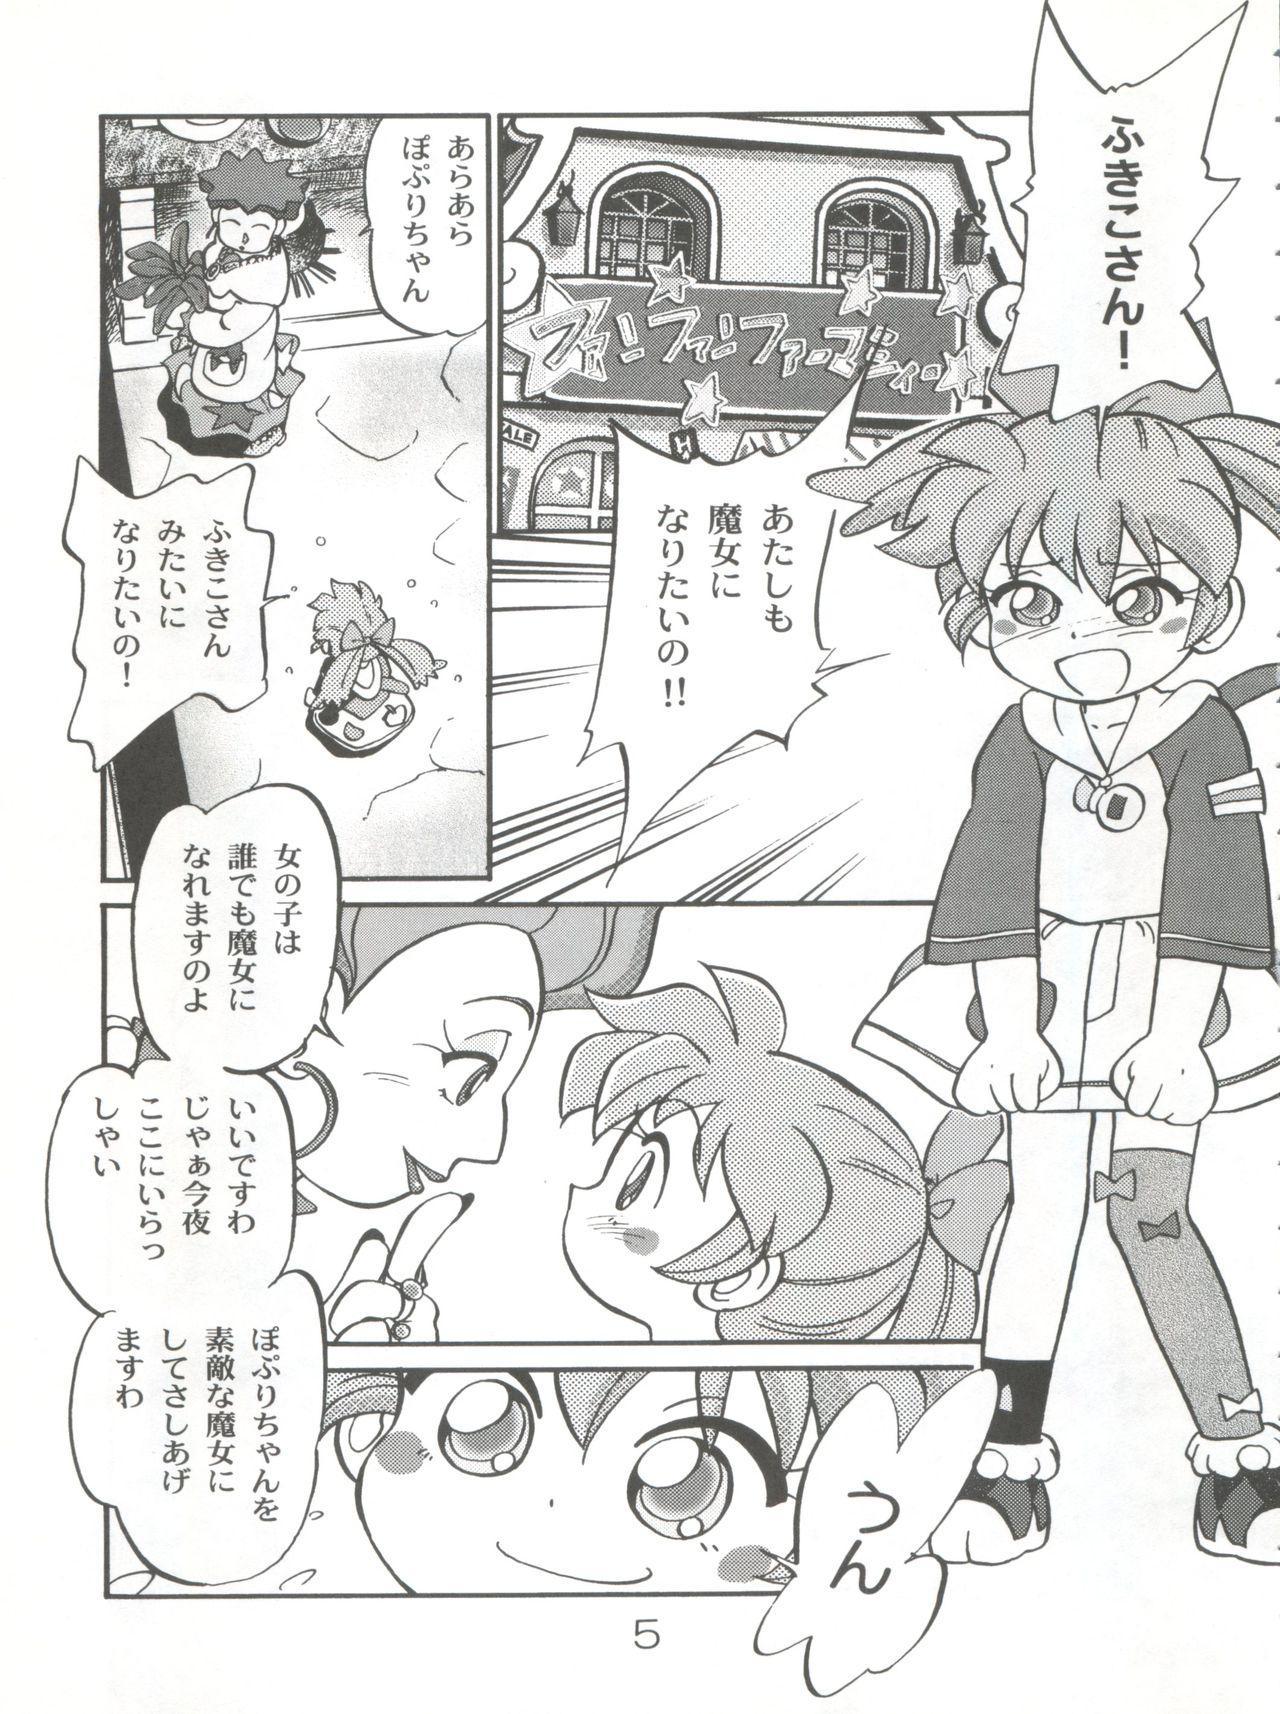 Mahou no Okusuri 3